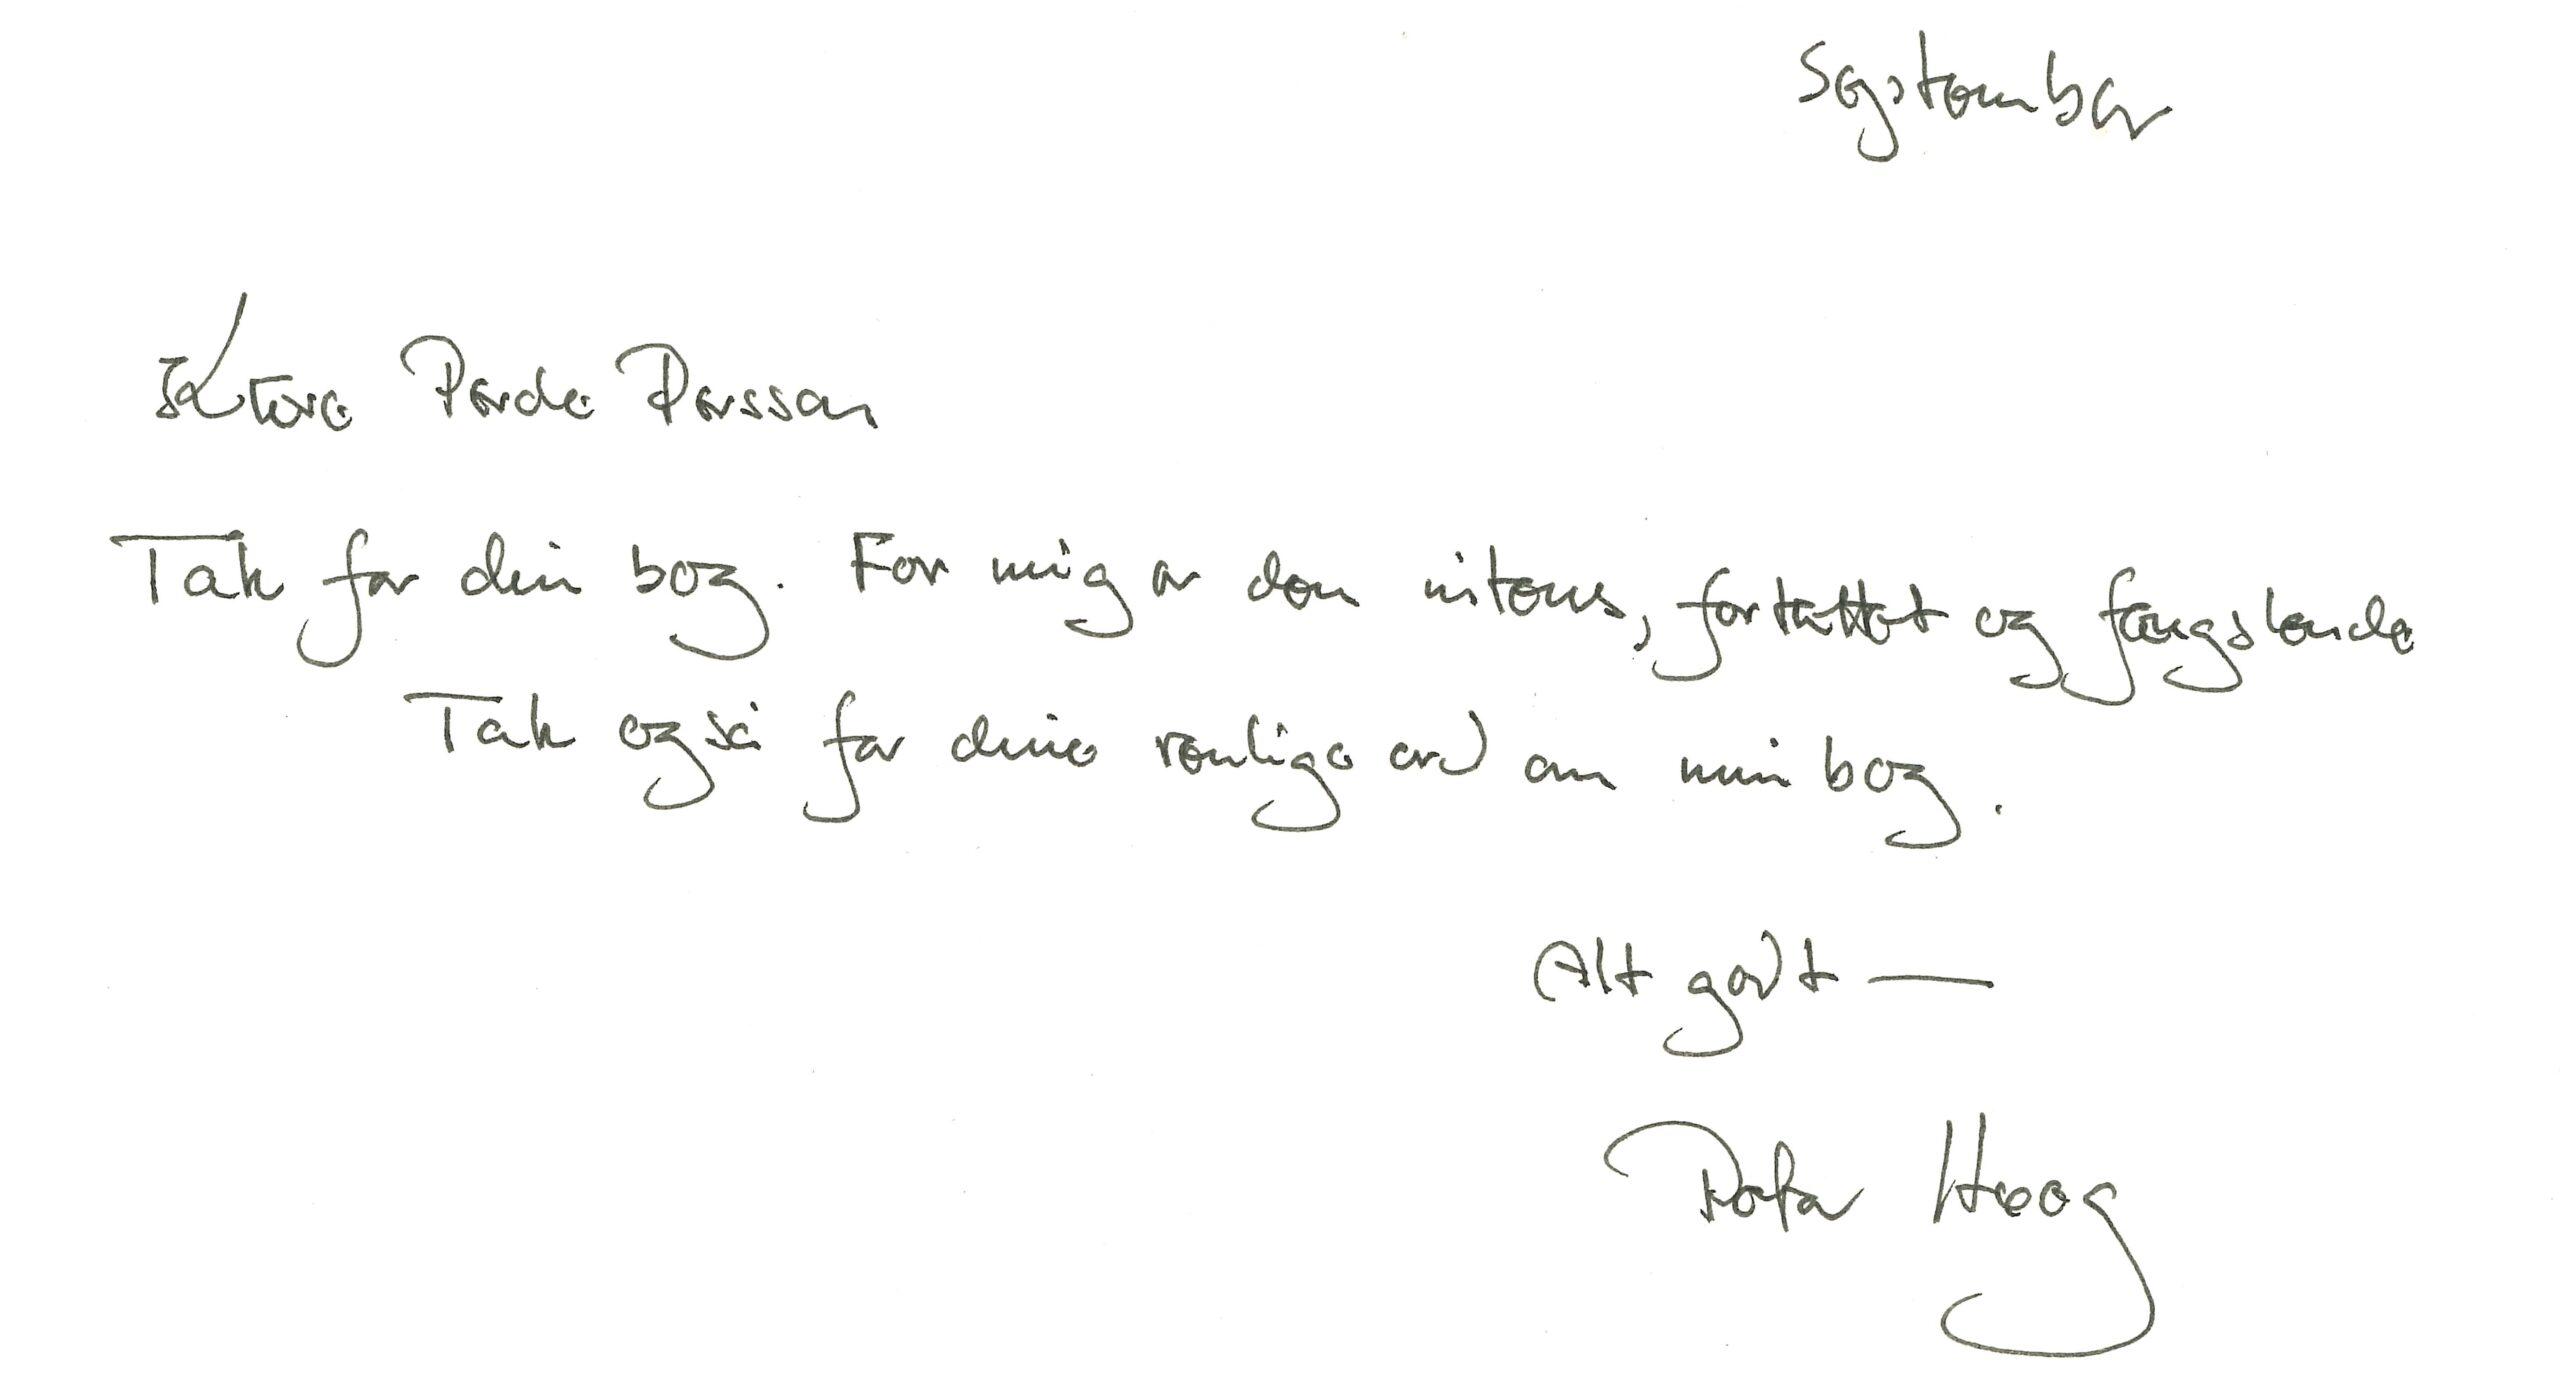 Brev, utlåtande om Per Ole Perssons bok Veteran av Peter Høeg